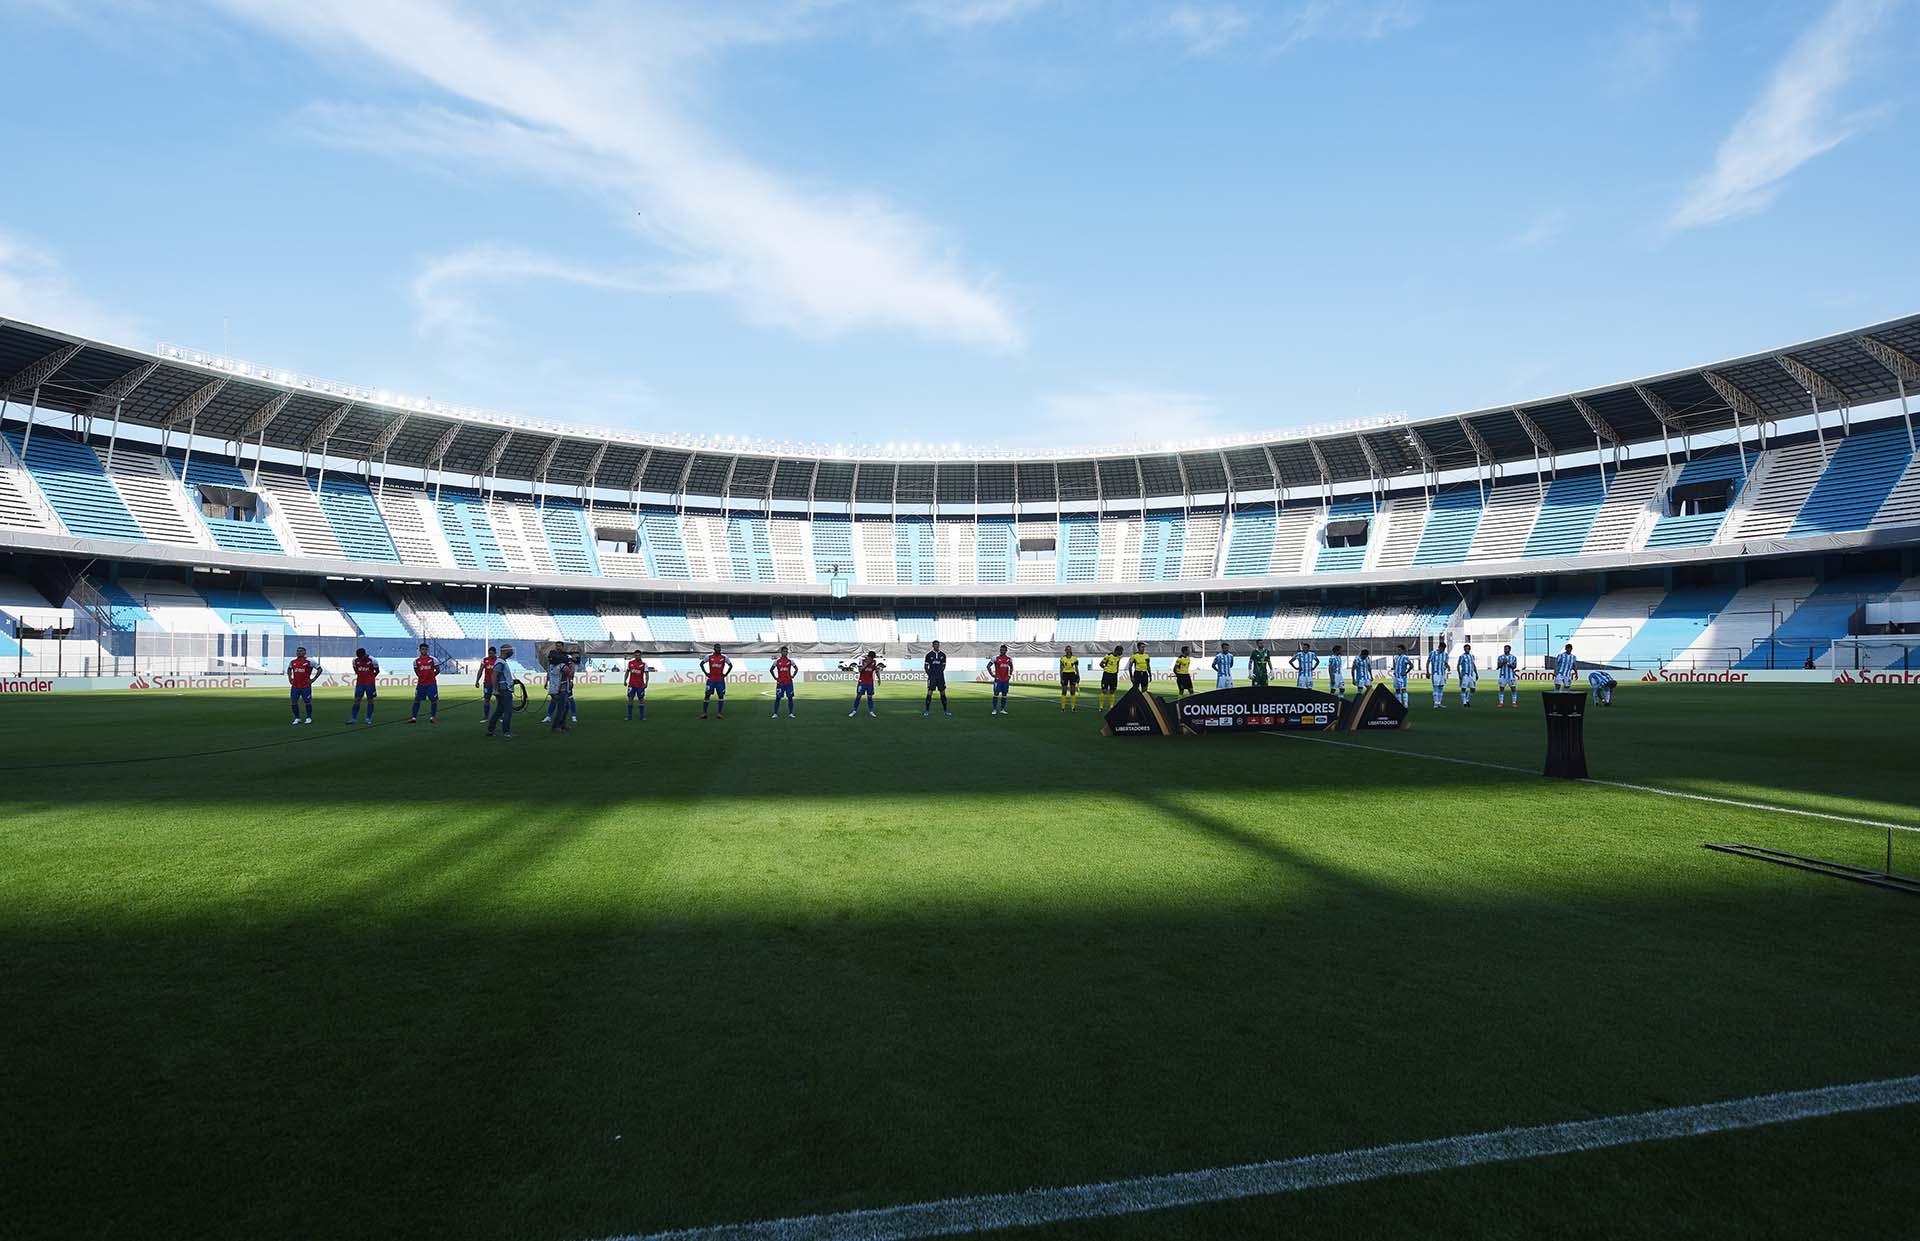 Imagen atípica: el Cilindro desierto, en medio de un partido internacional (REUTERS/Marcelo Endelli)